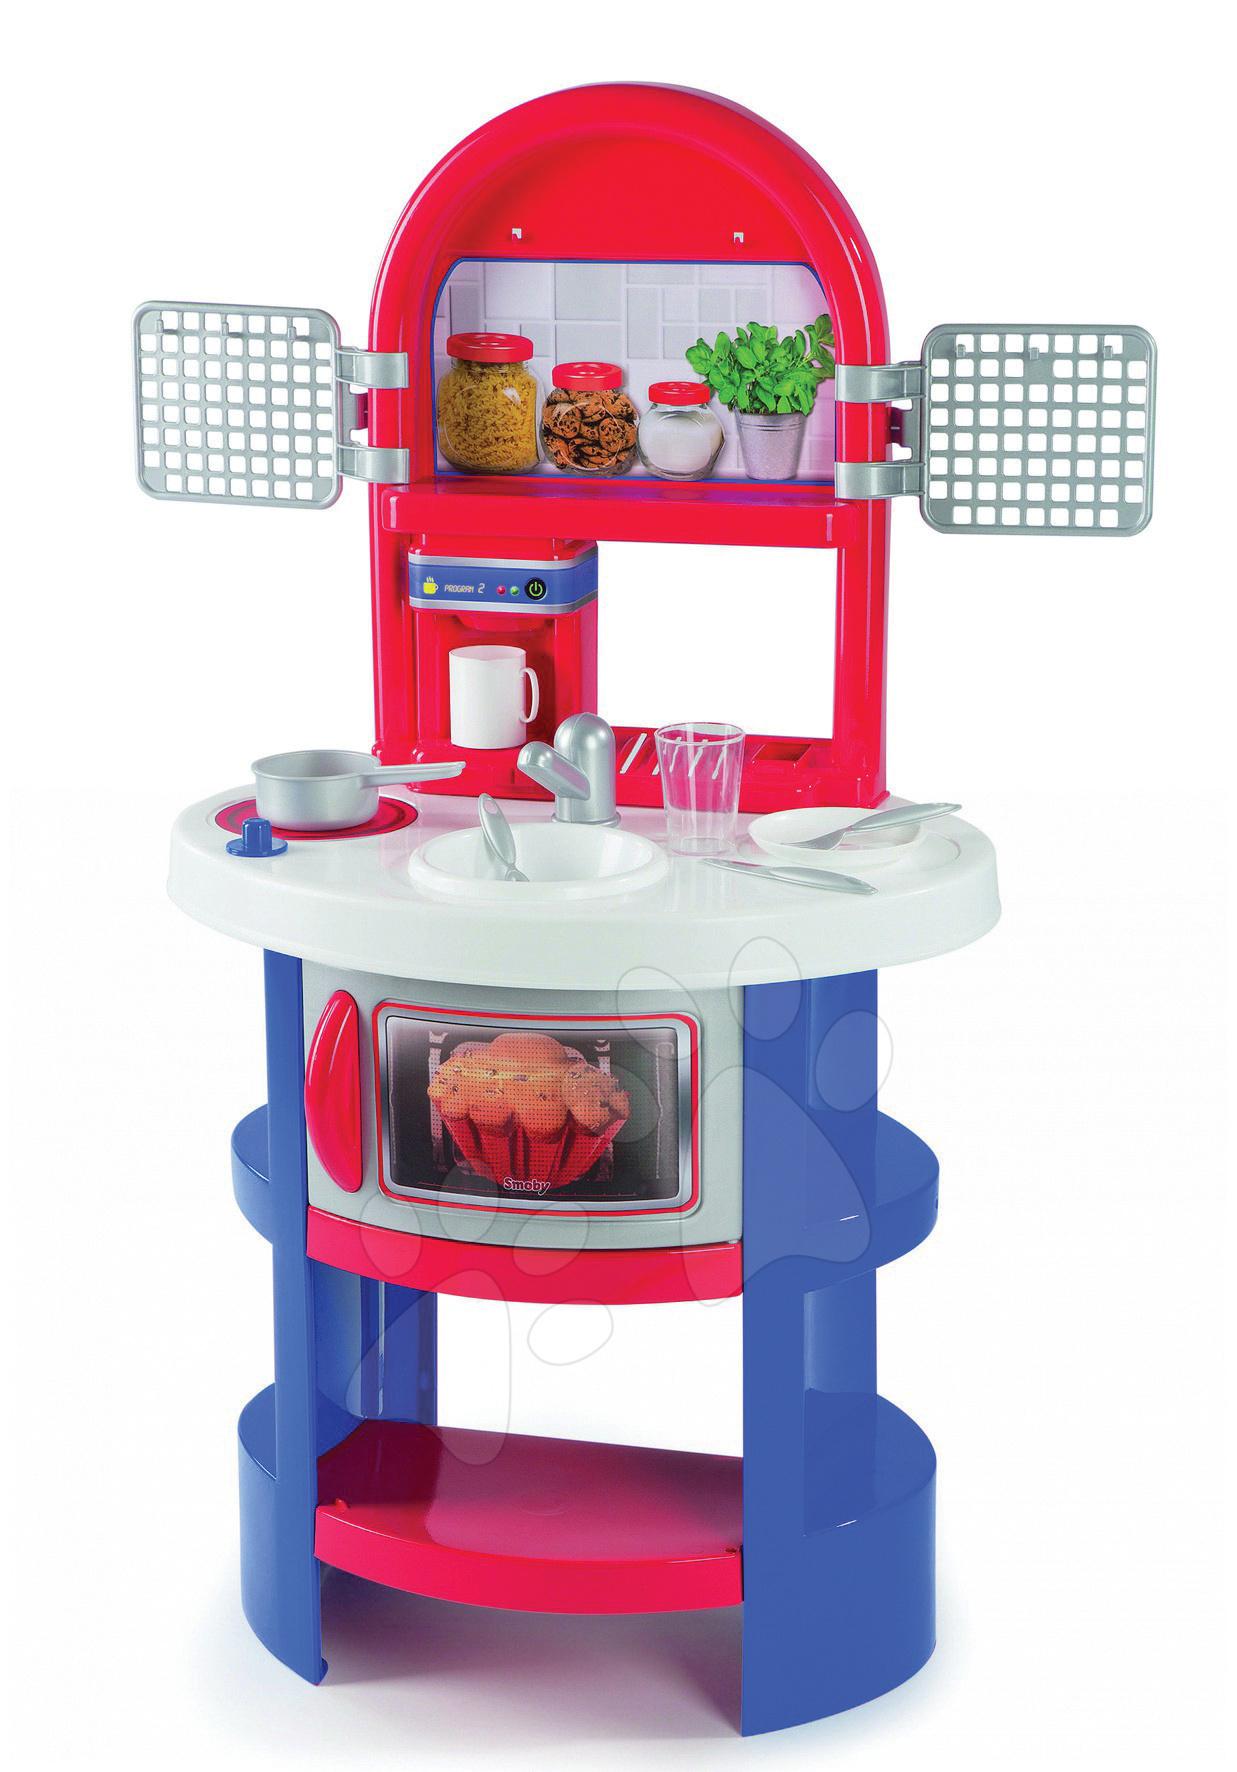 Kuchyňka s kávovarem a mikrovlnkou Smoby 9 doplňků, modrá